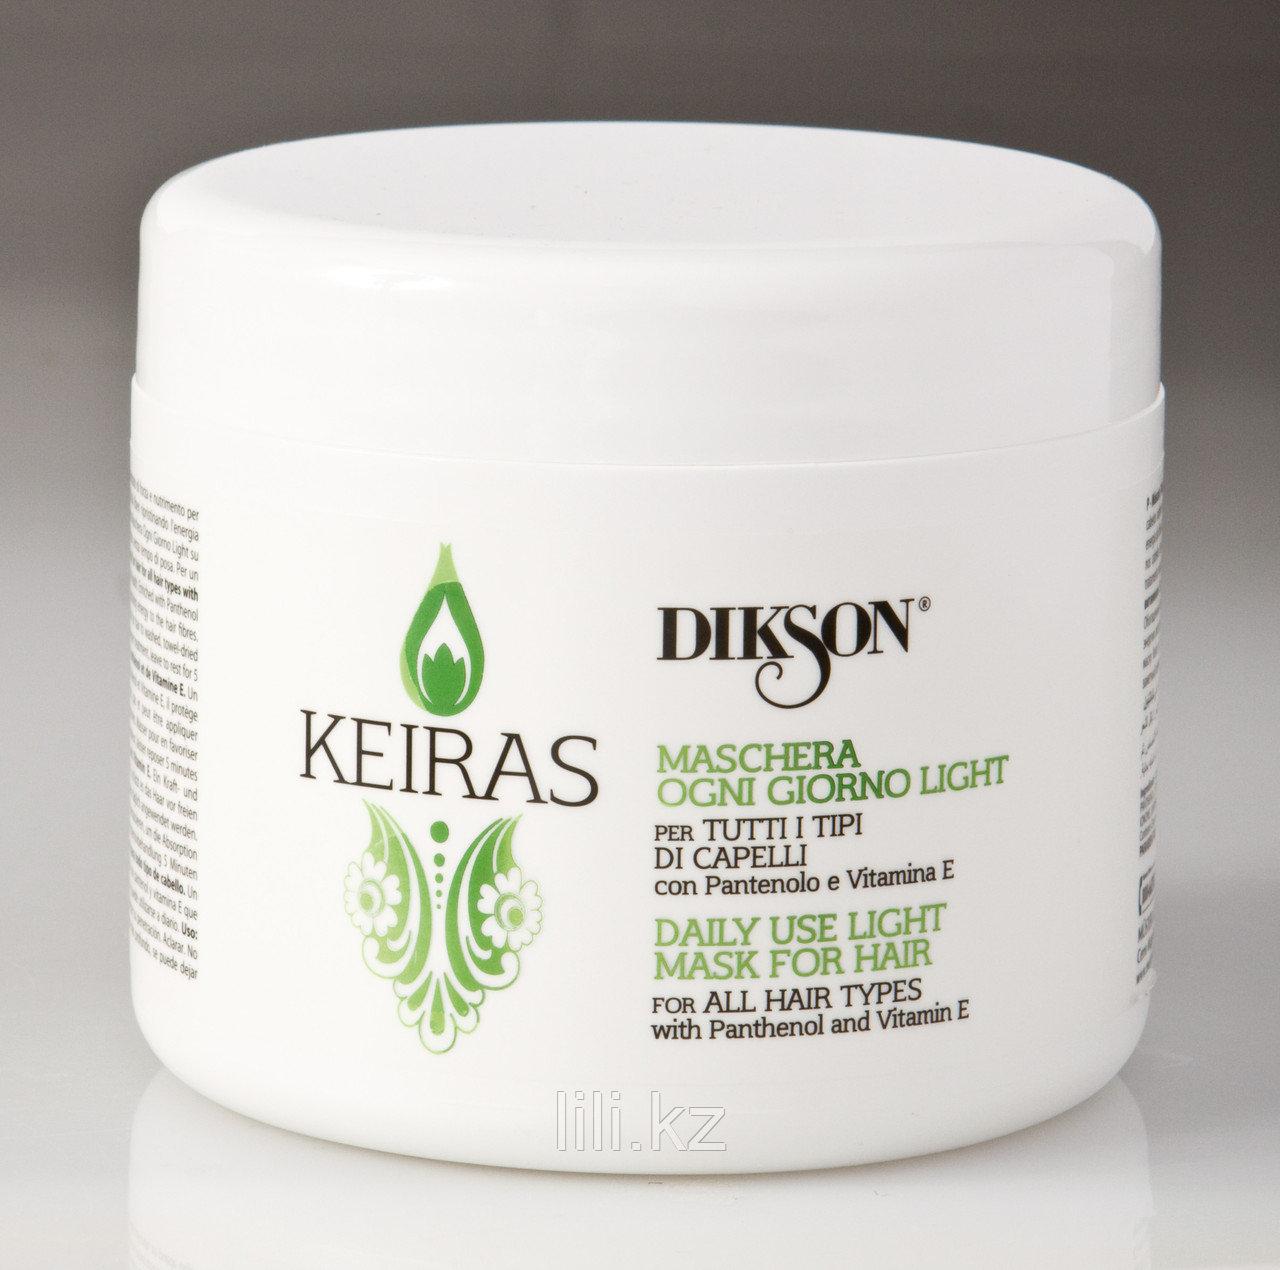 Маска для ежедневного применения с пантенолом и витамином Е - Dikson Keiras Mask Ogni Giorno Light 500 мл.